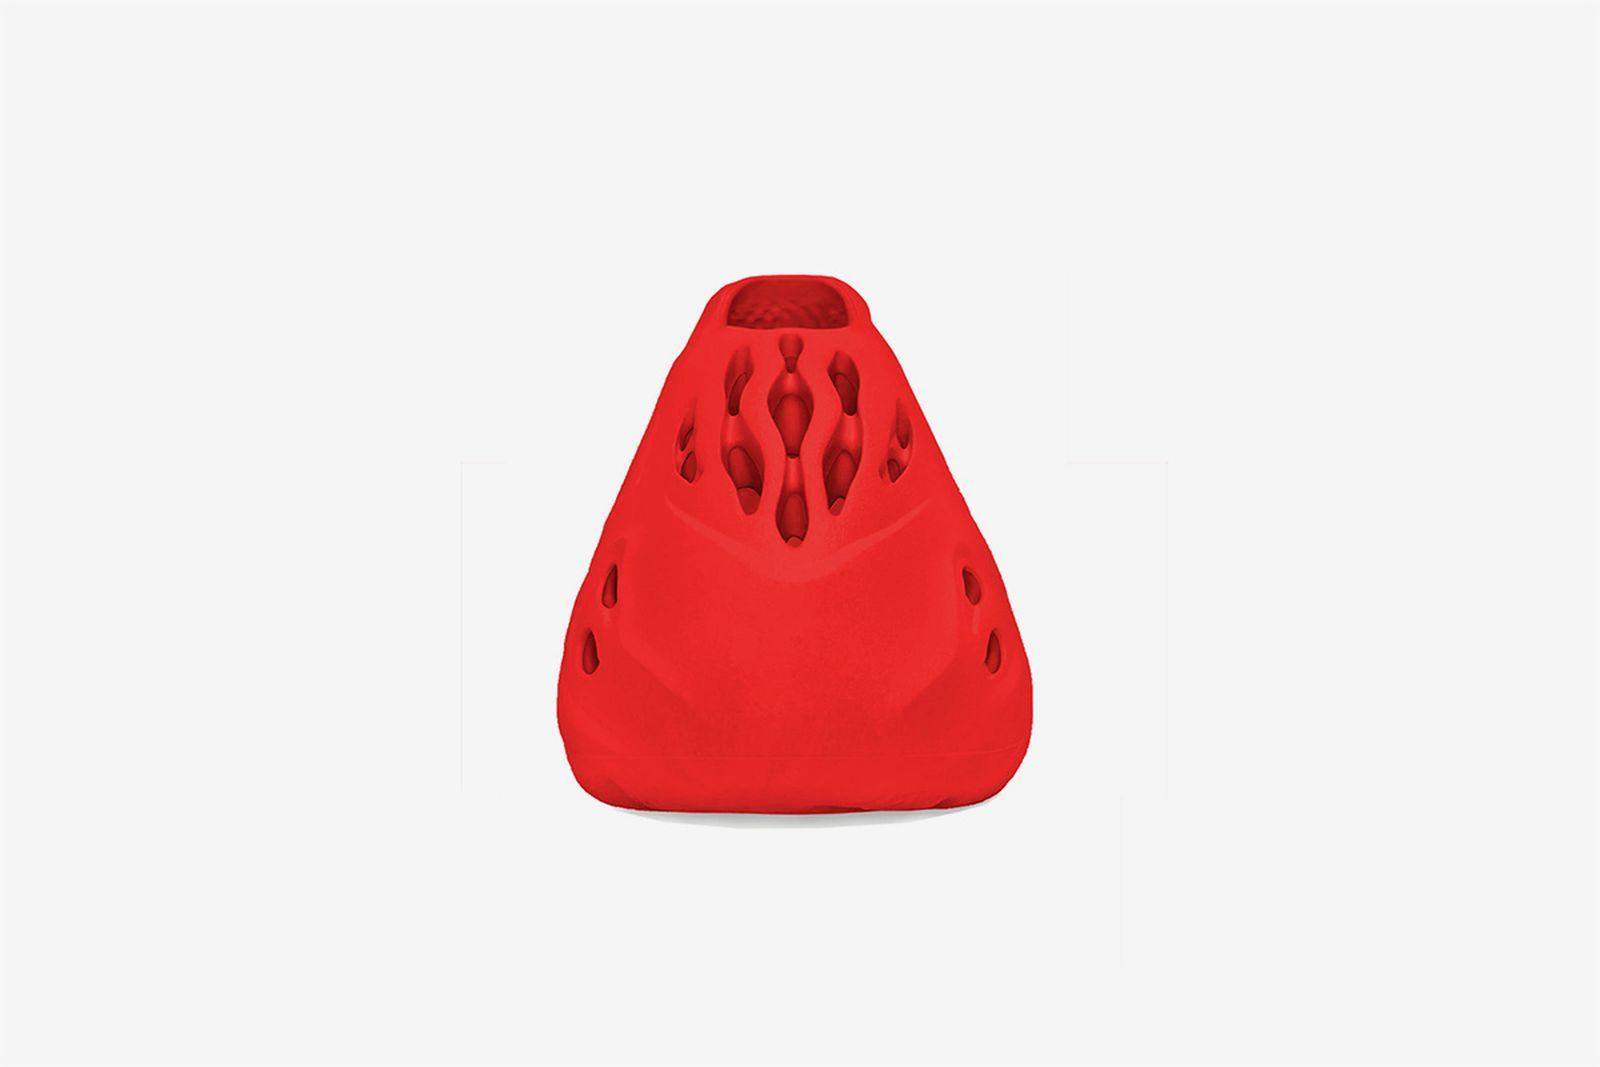 adidas-yeezy-foam-runner-vermilion-release-date-price-03